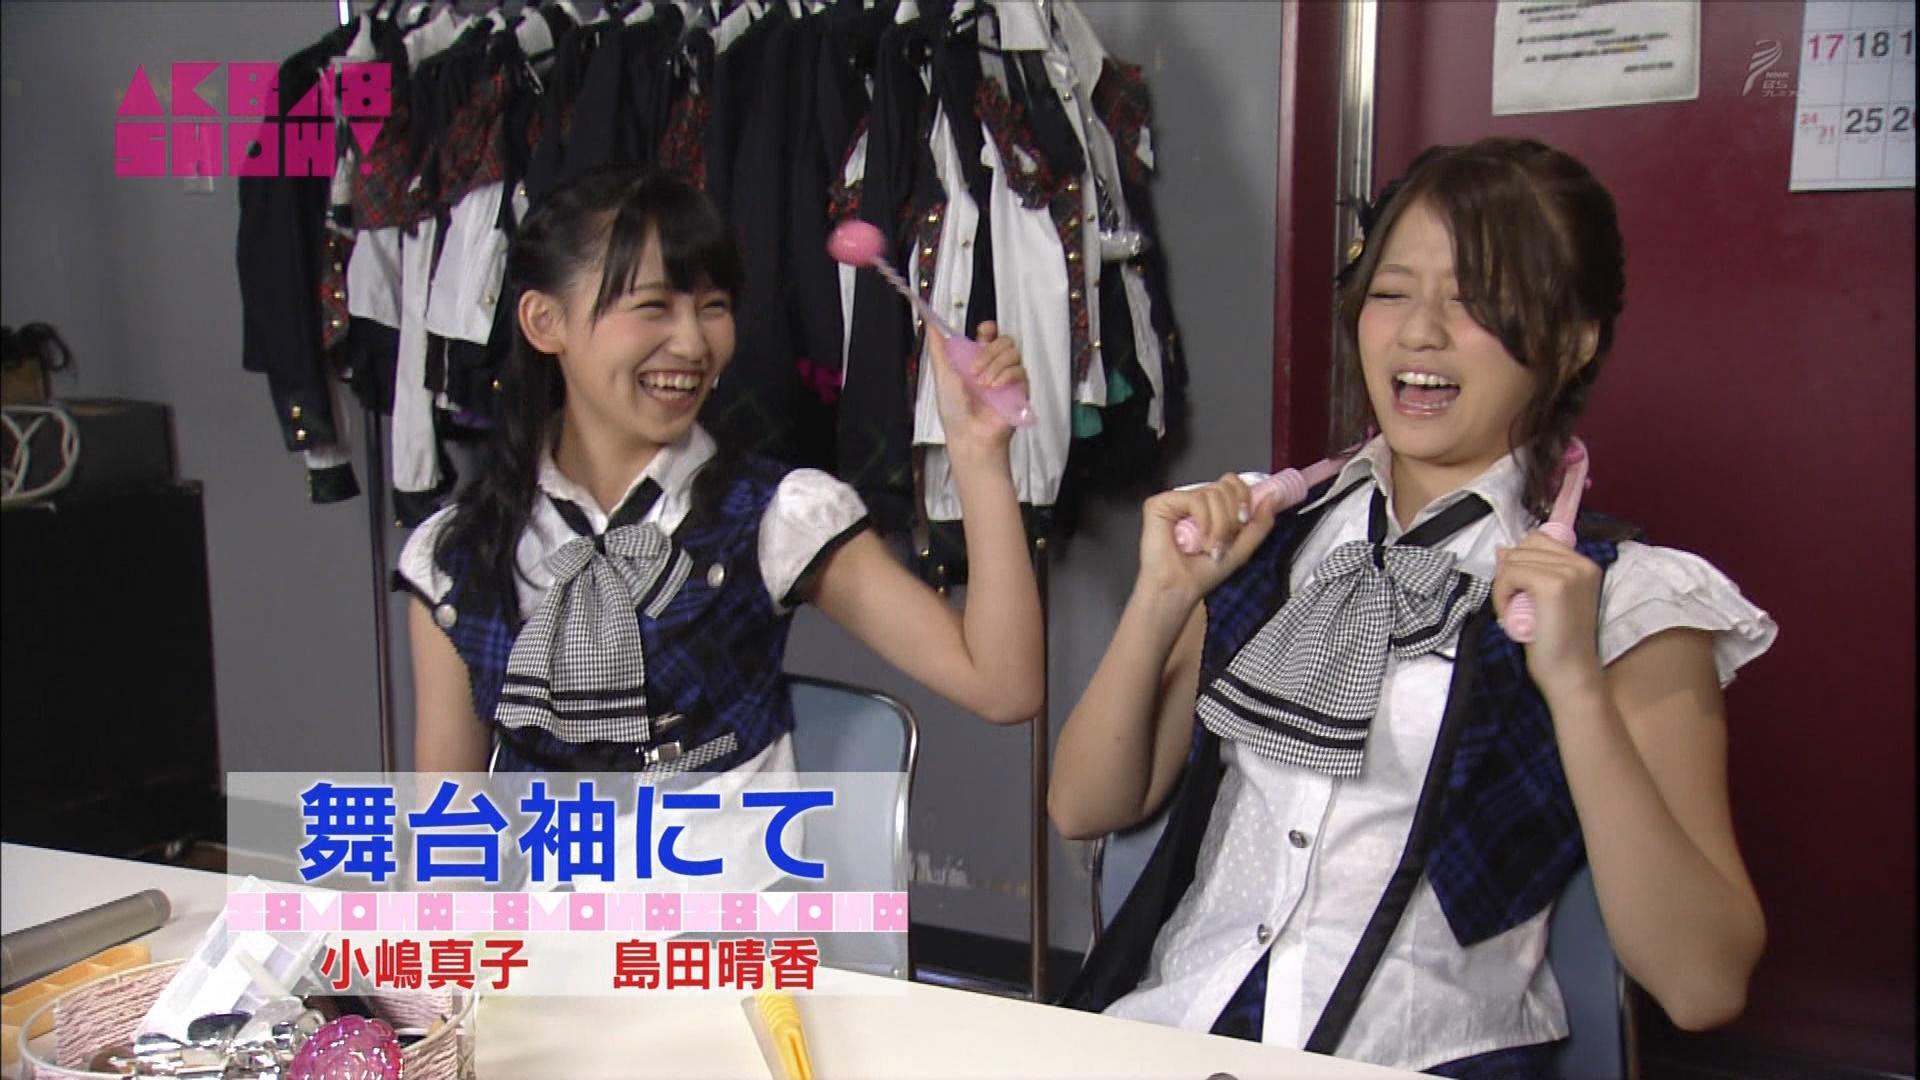 小嶋真子 彼女になれますか AKB48SHOW! 20140906 (2)